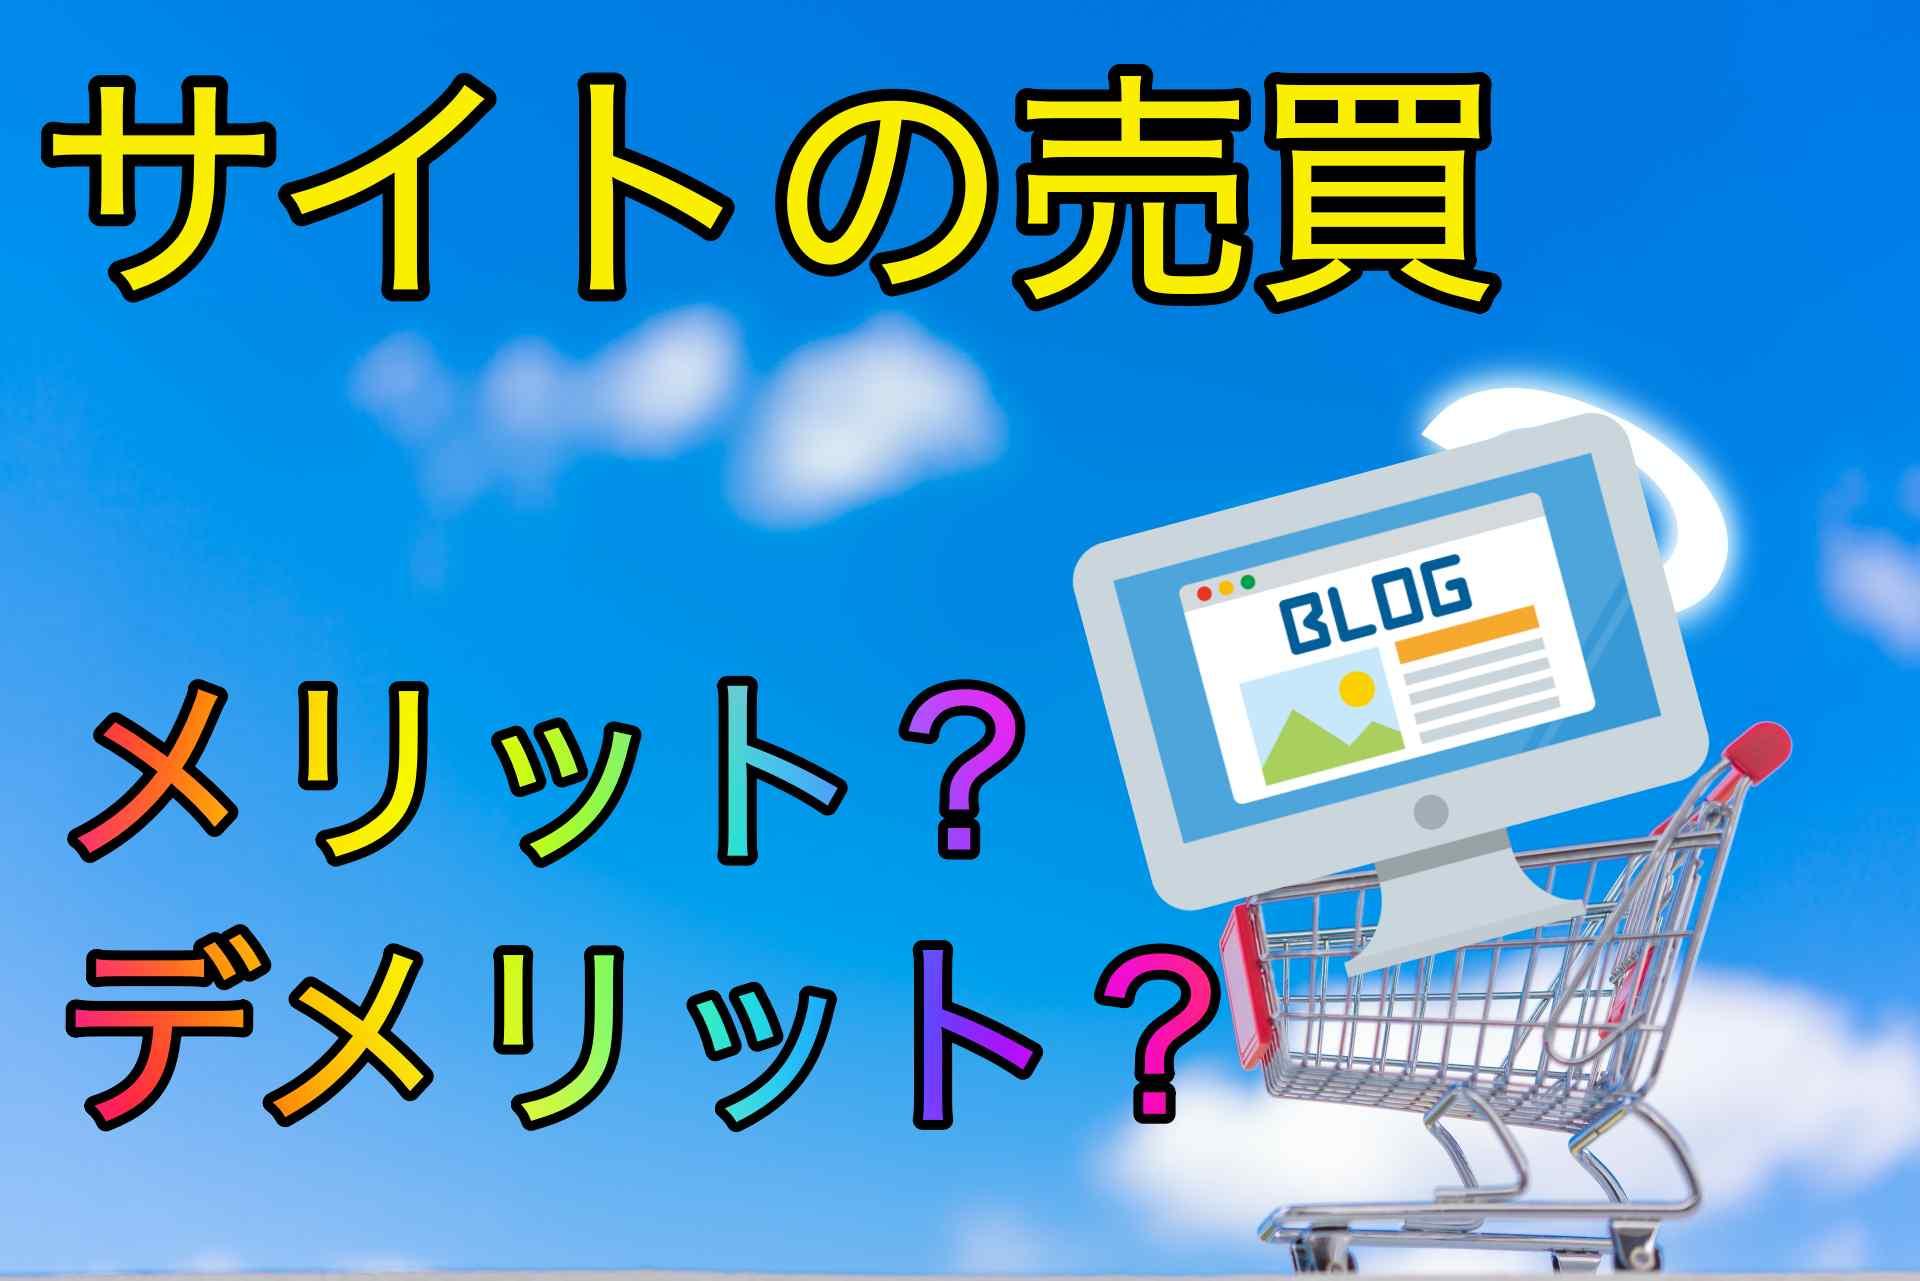 Webサイトの売買のメリットとは?デメリットもあるの?【体験談あり】